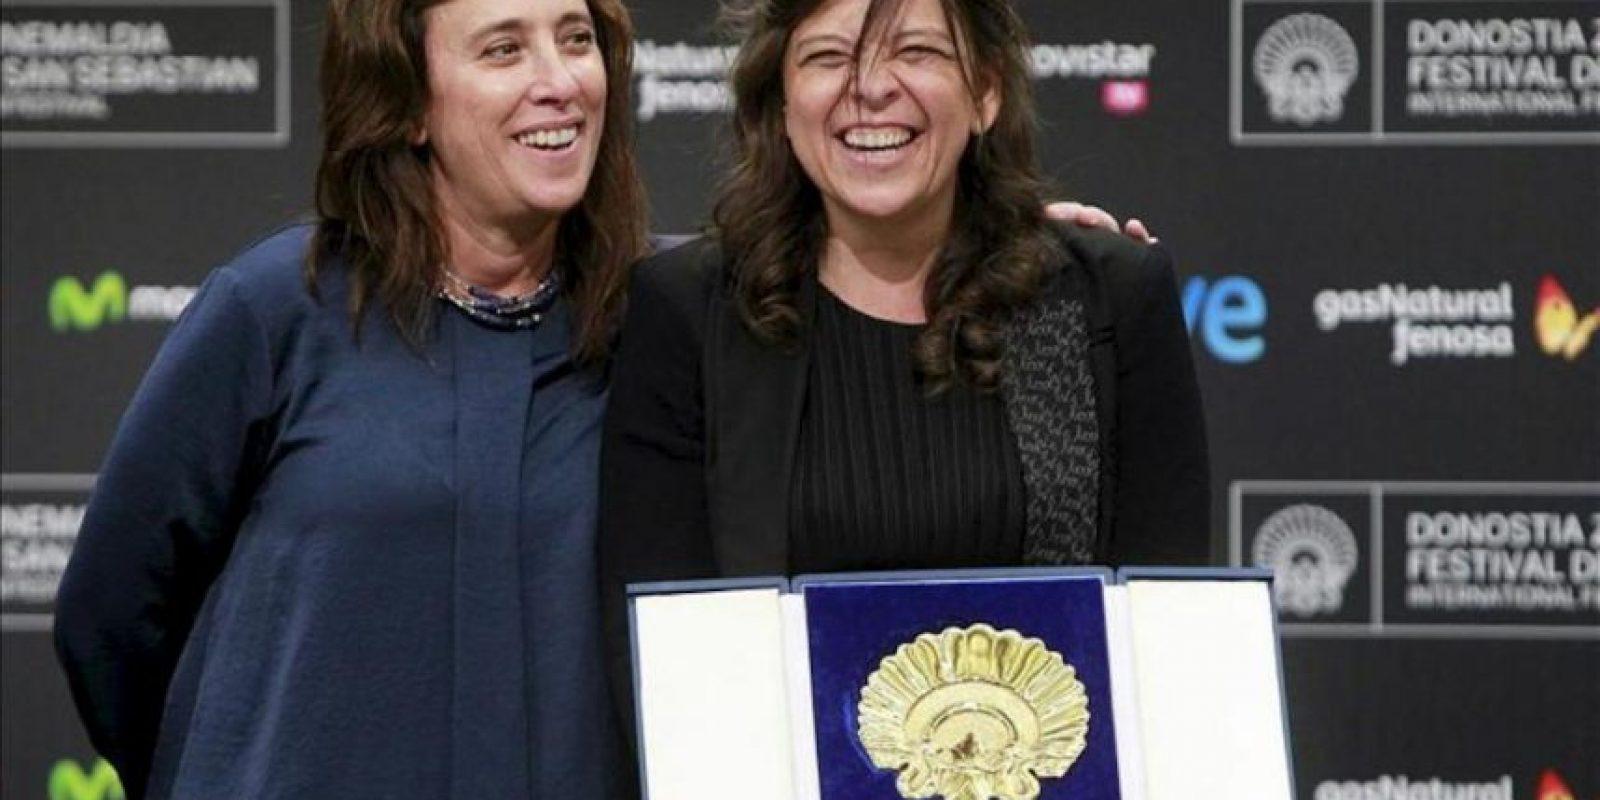 """La directora venezolana de la película """"Pelo Malo"""", Mariana Rondón (d), junto a la productora, Marité Ugas (i), posa con la Concha de Oro a la mejor película en la gala de clausura de la 61 edición del Festival Internacional de Cine de San Sebastián. EFE"""